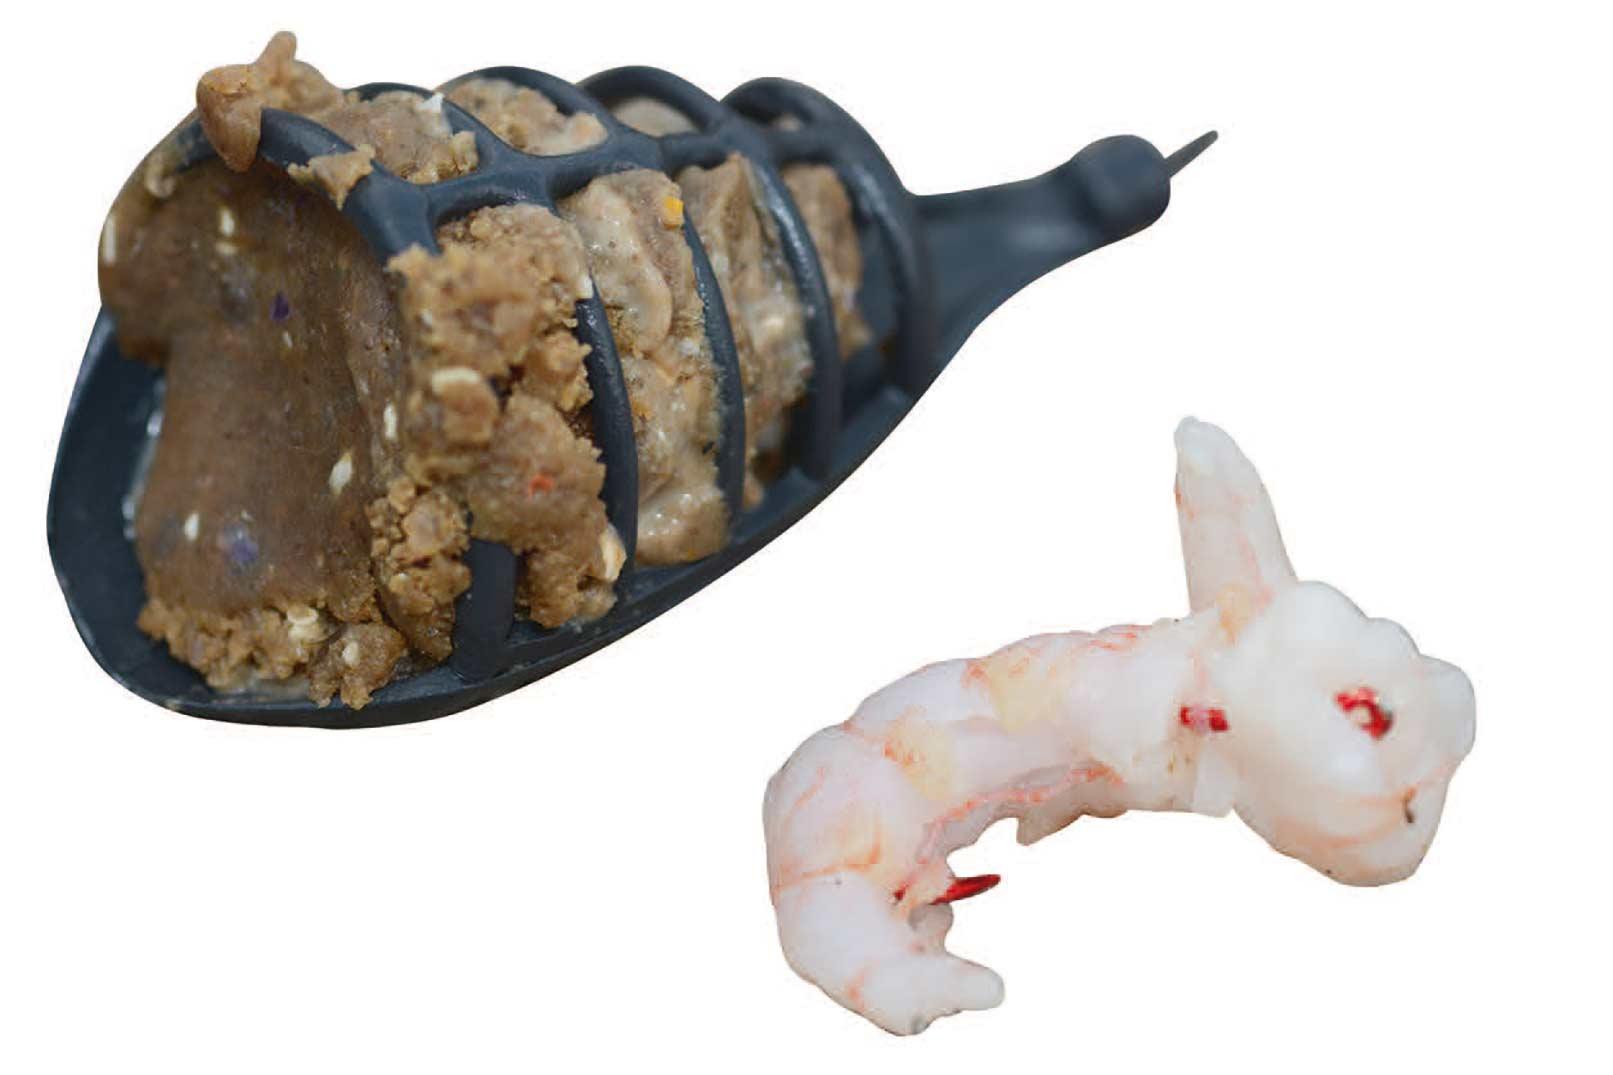 En feeder kan, som her, fyldes med Mussel Paste fra Northern Baits, der vil afgive duftstoffer i lang tid og lokke fiskene til den agnede krog.